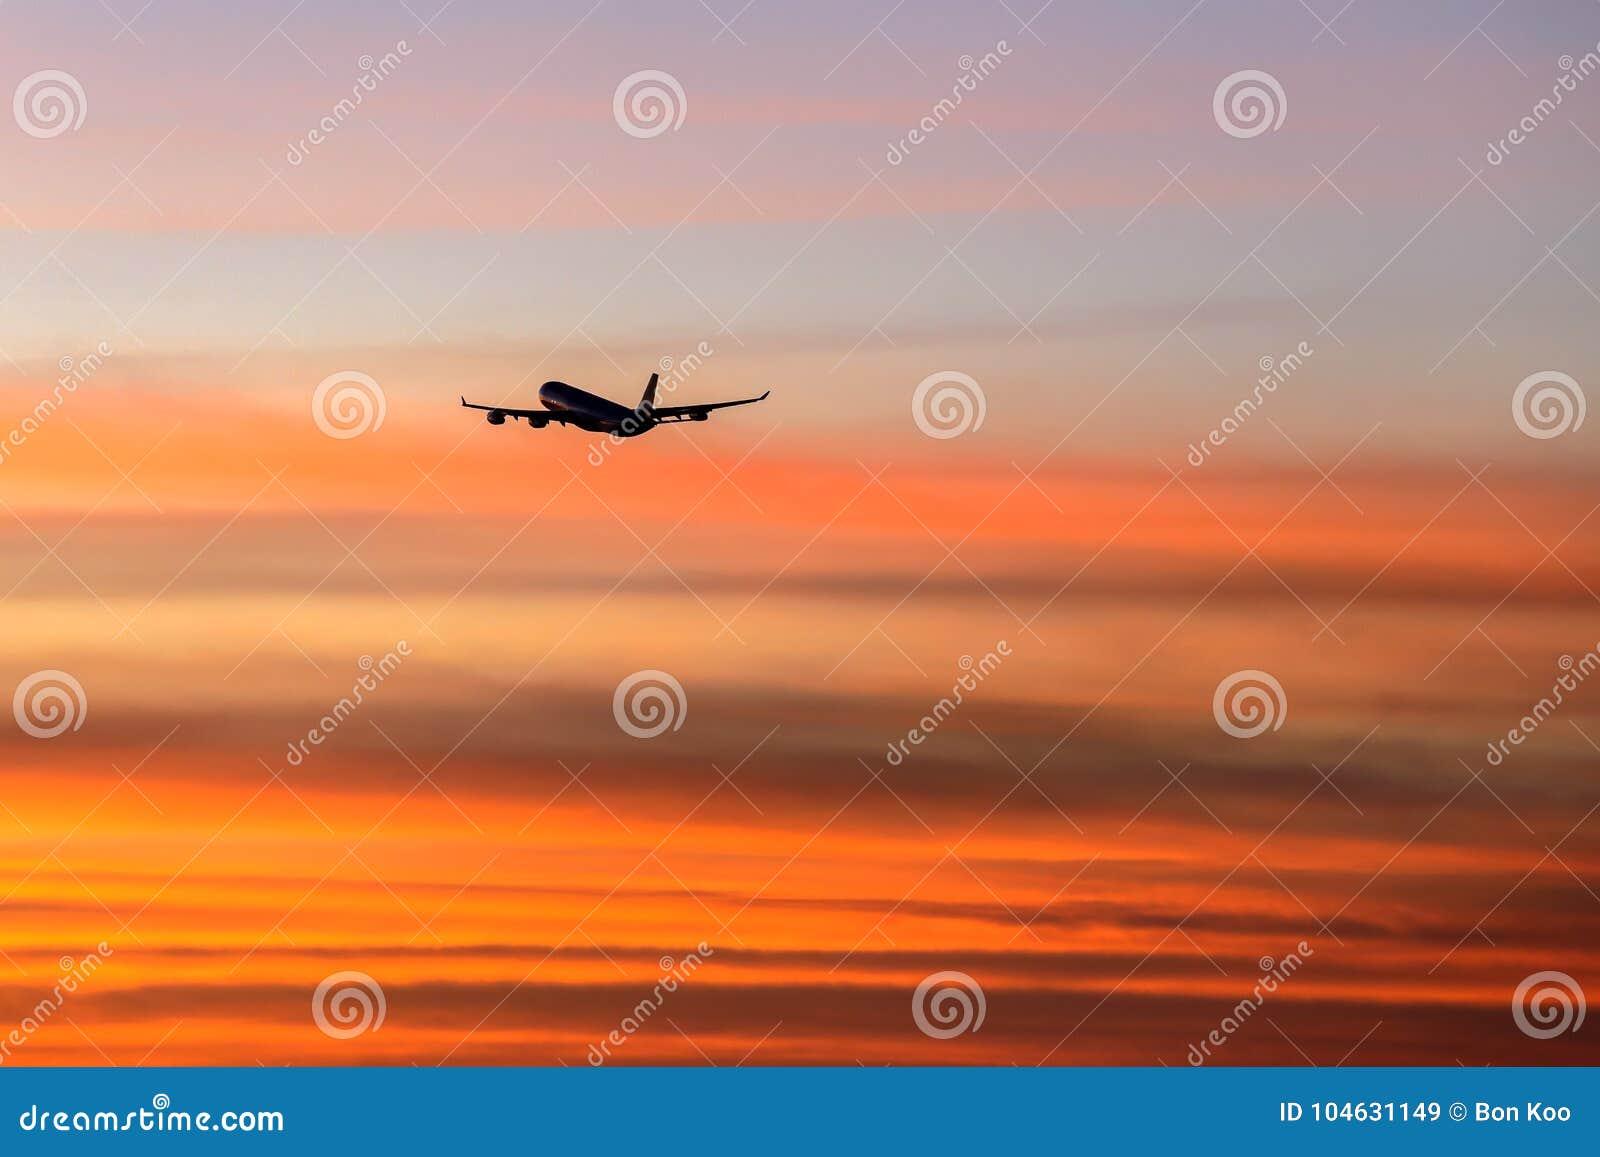 Download Het Verlaten Van Californië In Schemering Stock Afbeelding - Afbeelding bestaande uit twilight, luchthaven: 104631149